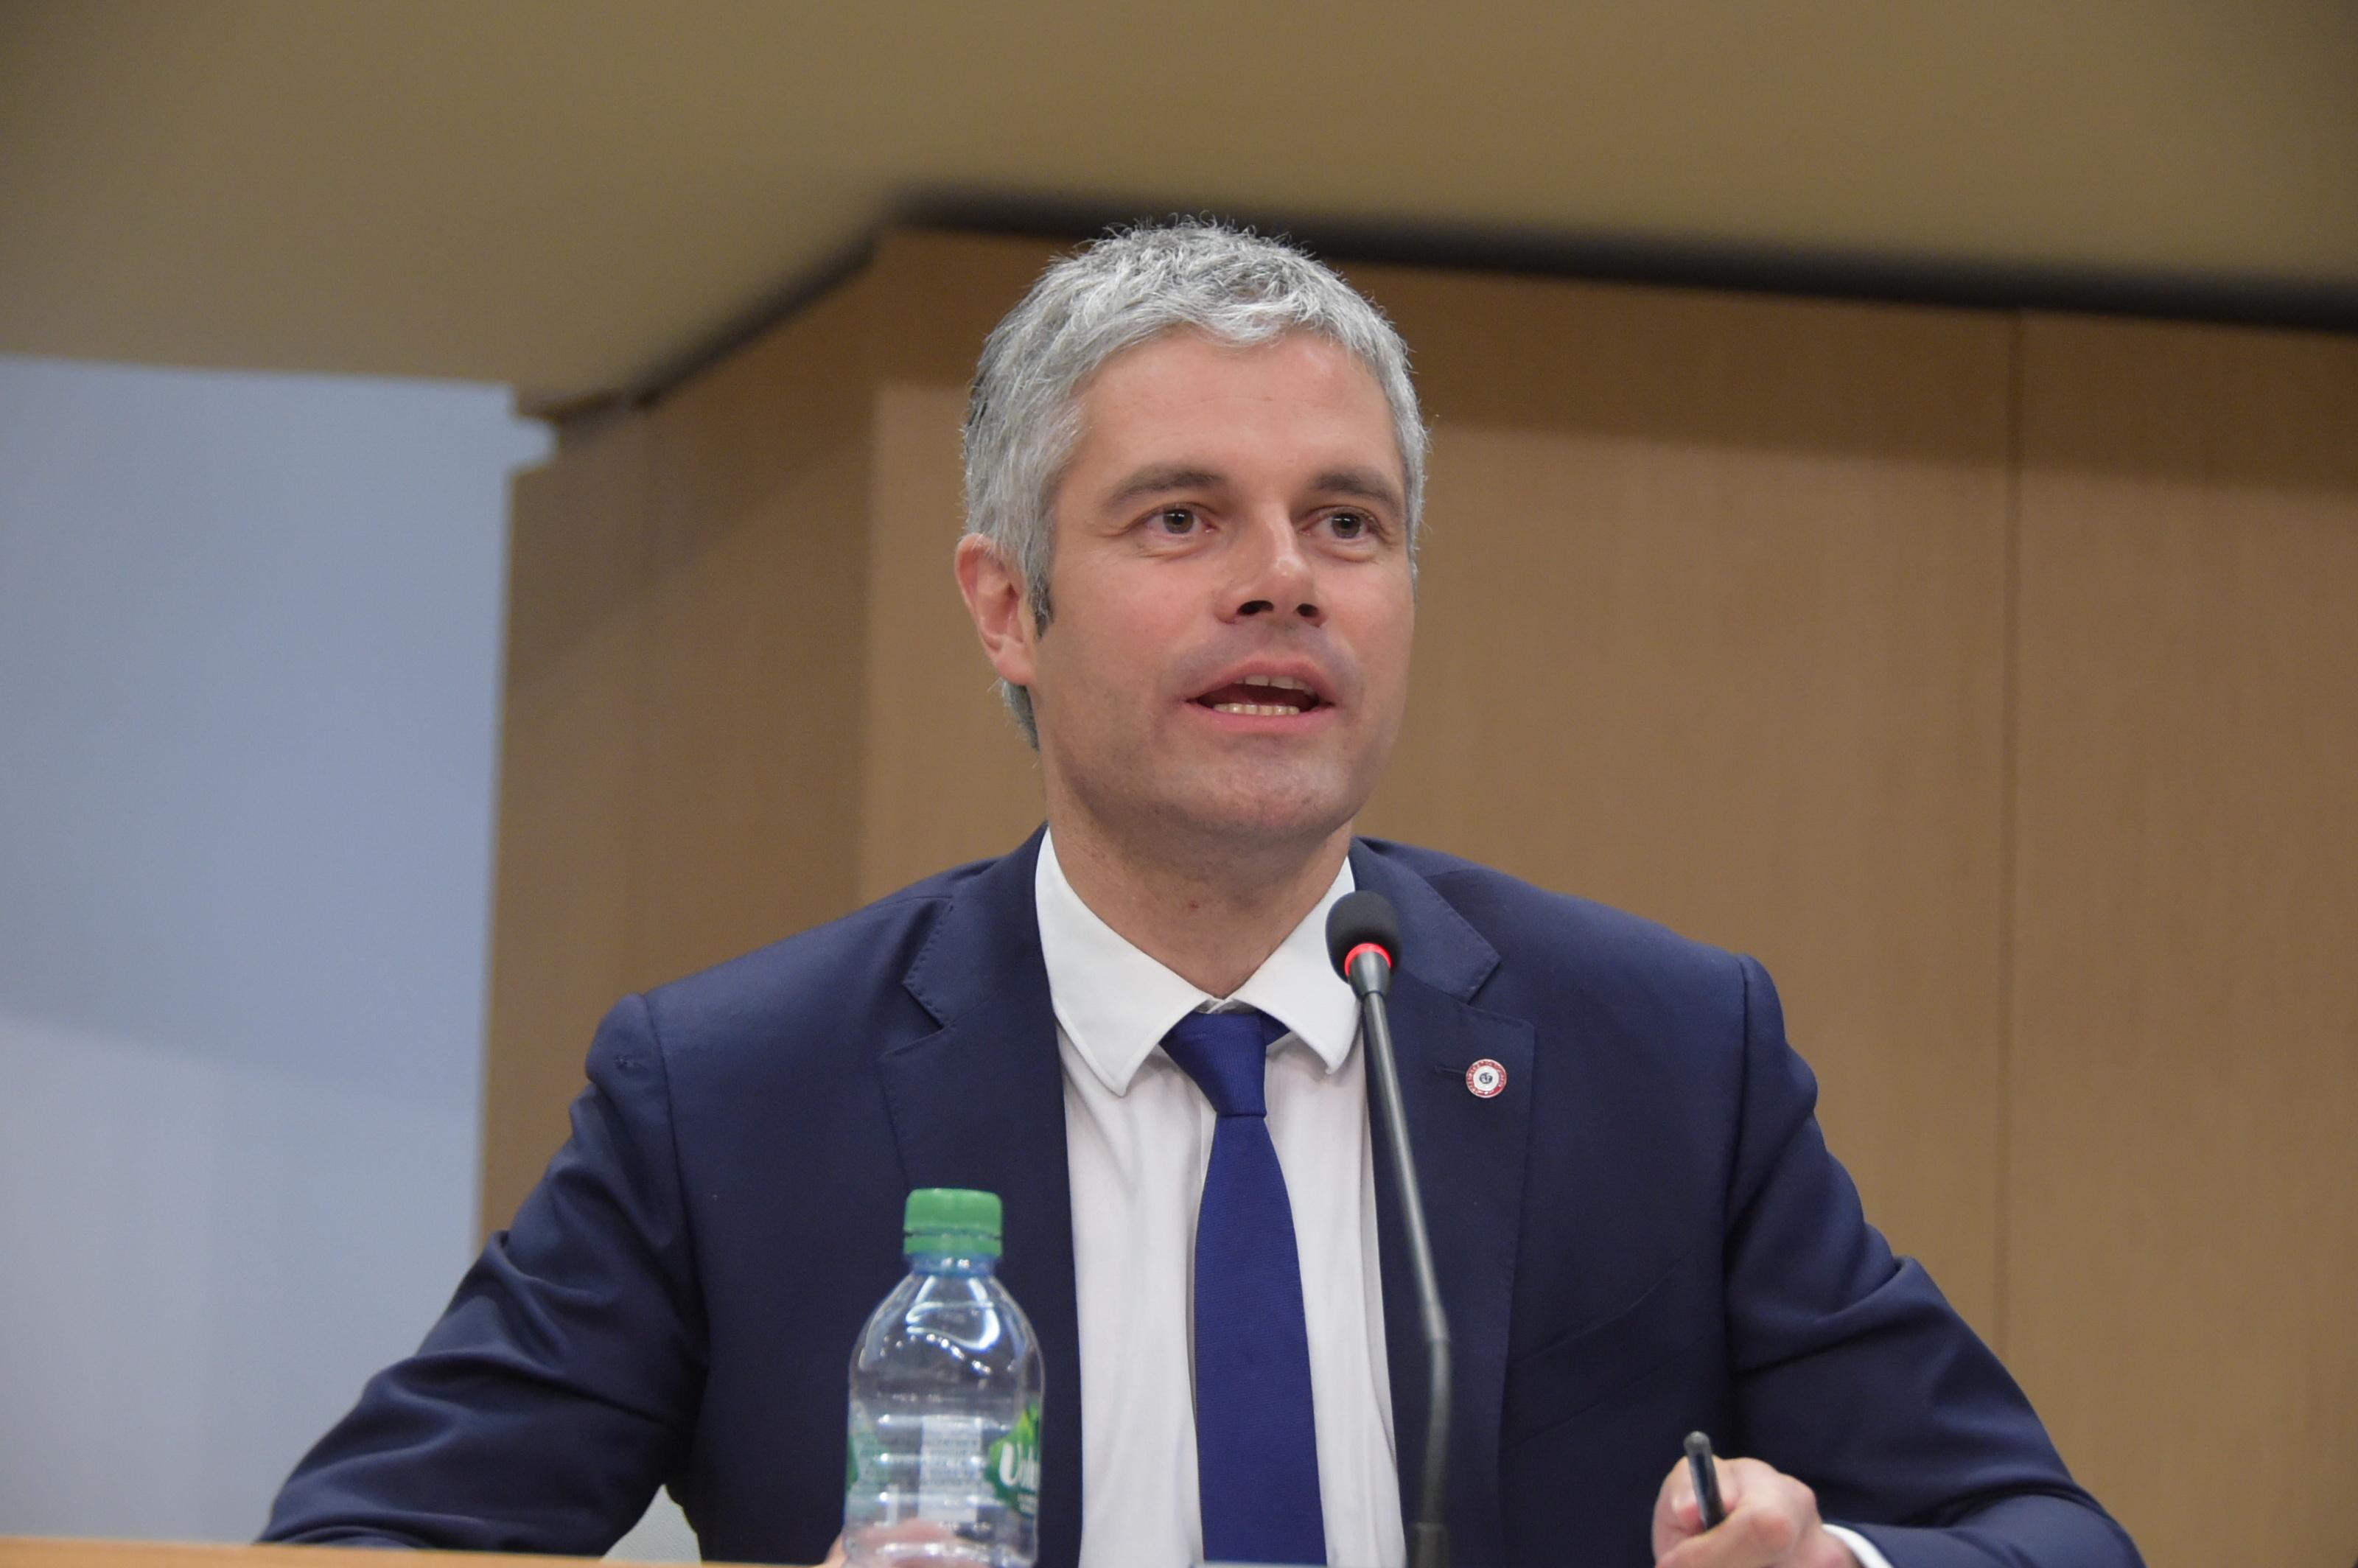 Le discours d'installation de Laurent Wauquiez